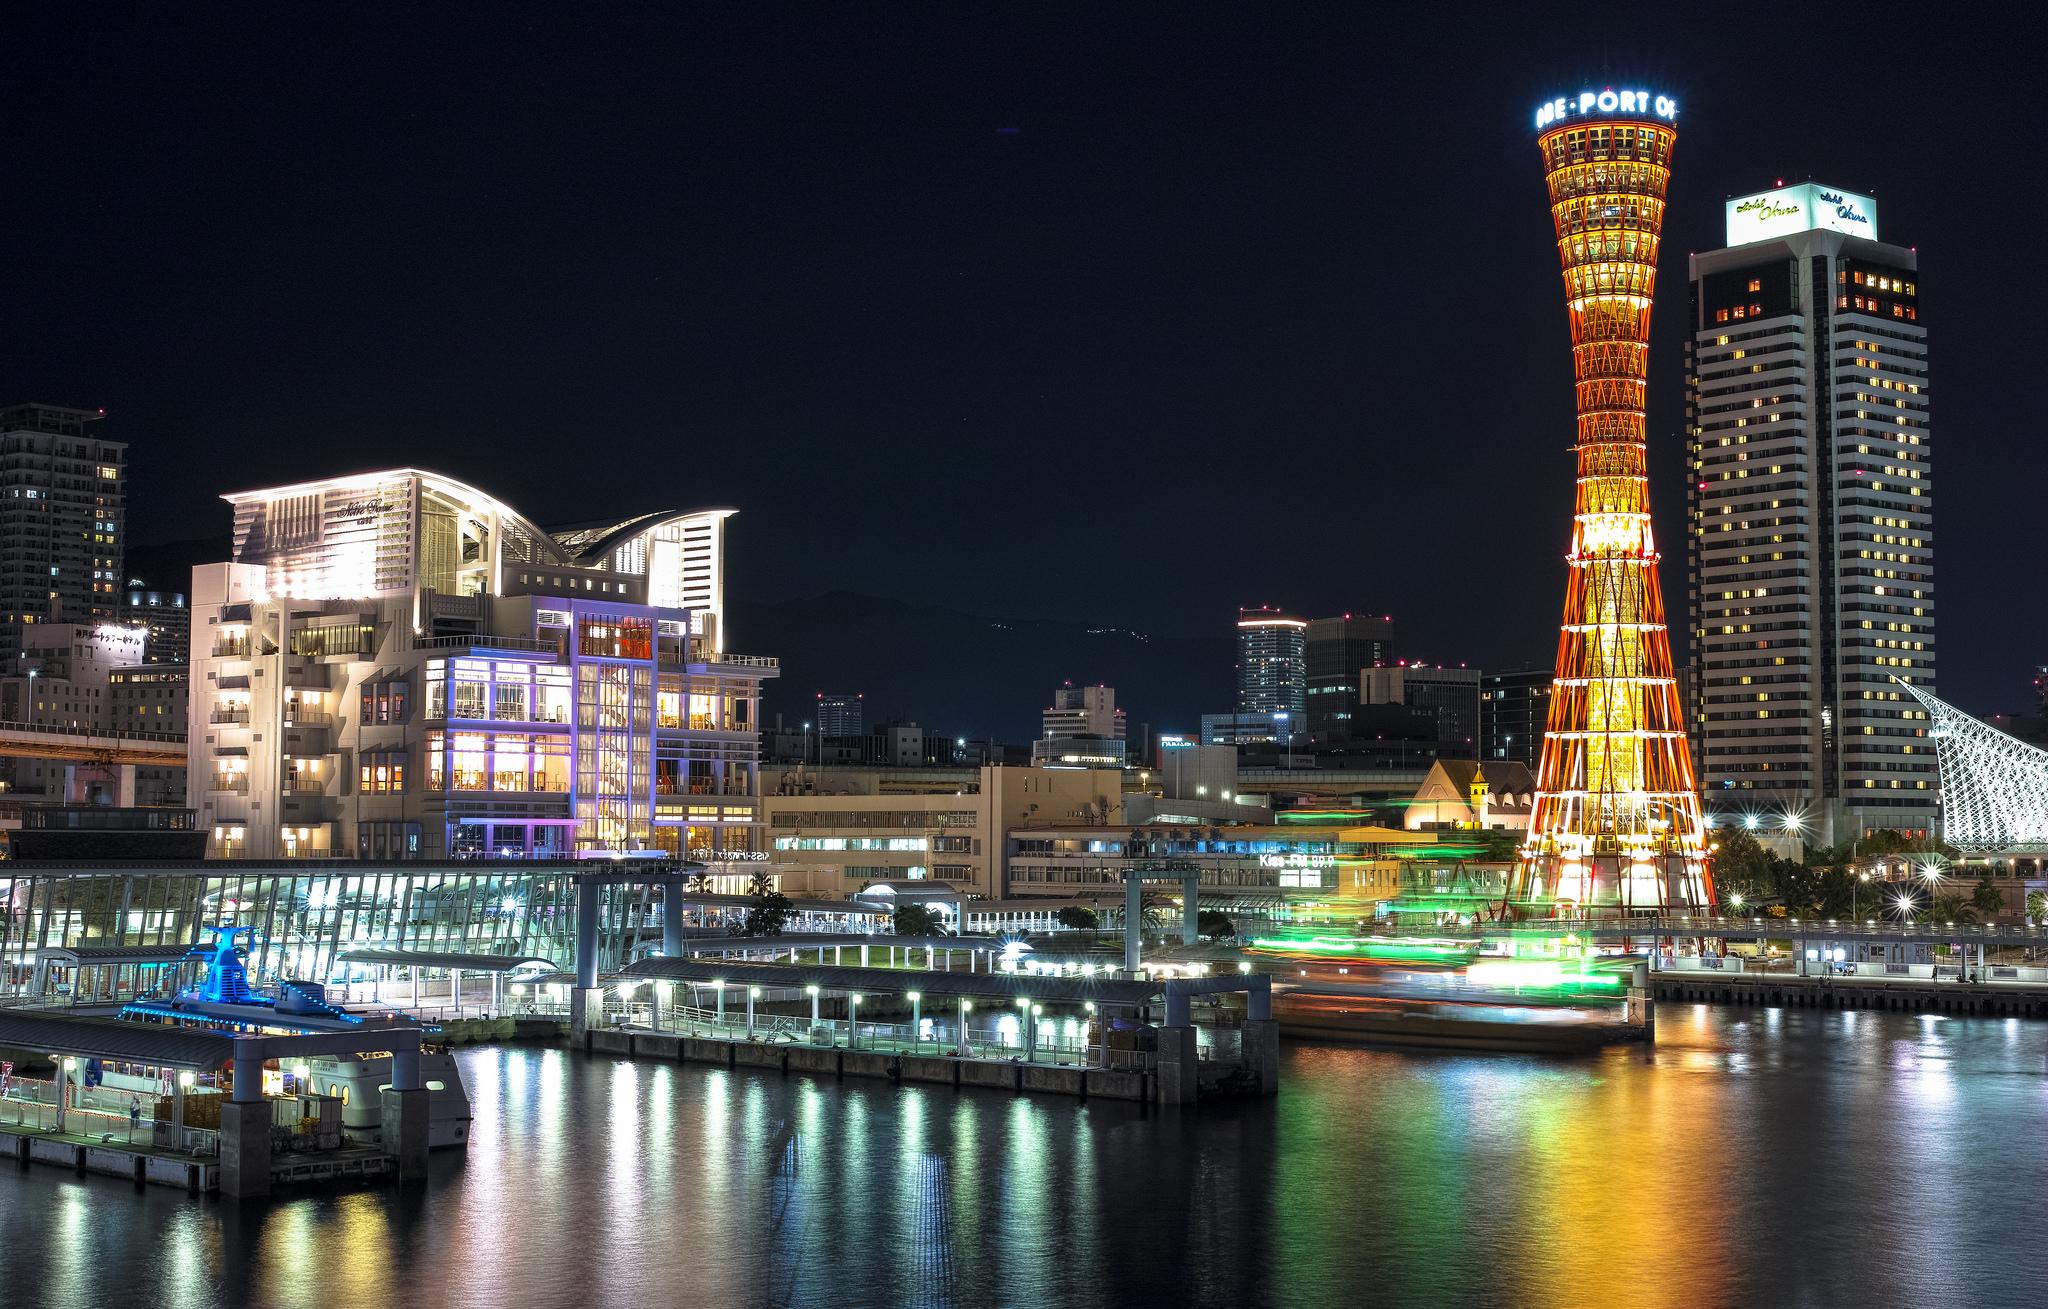 Kobe_Waterfront_15336871005_d753f015b5_k